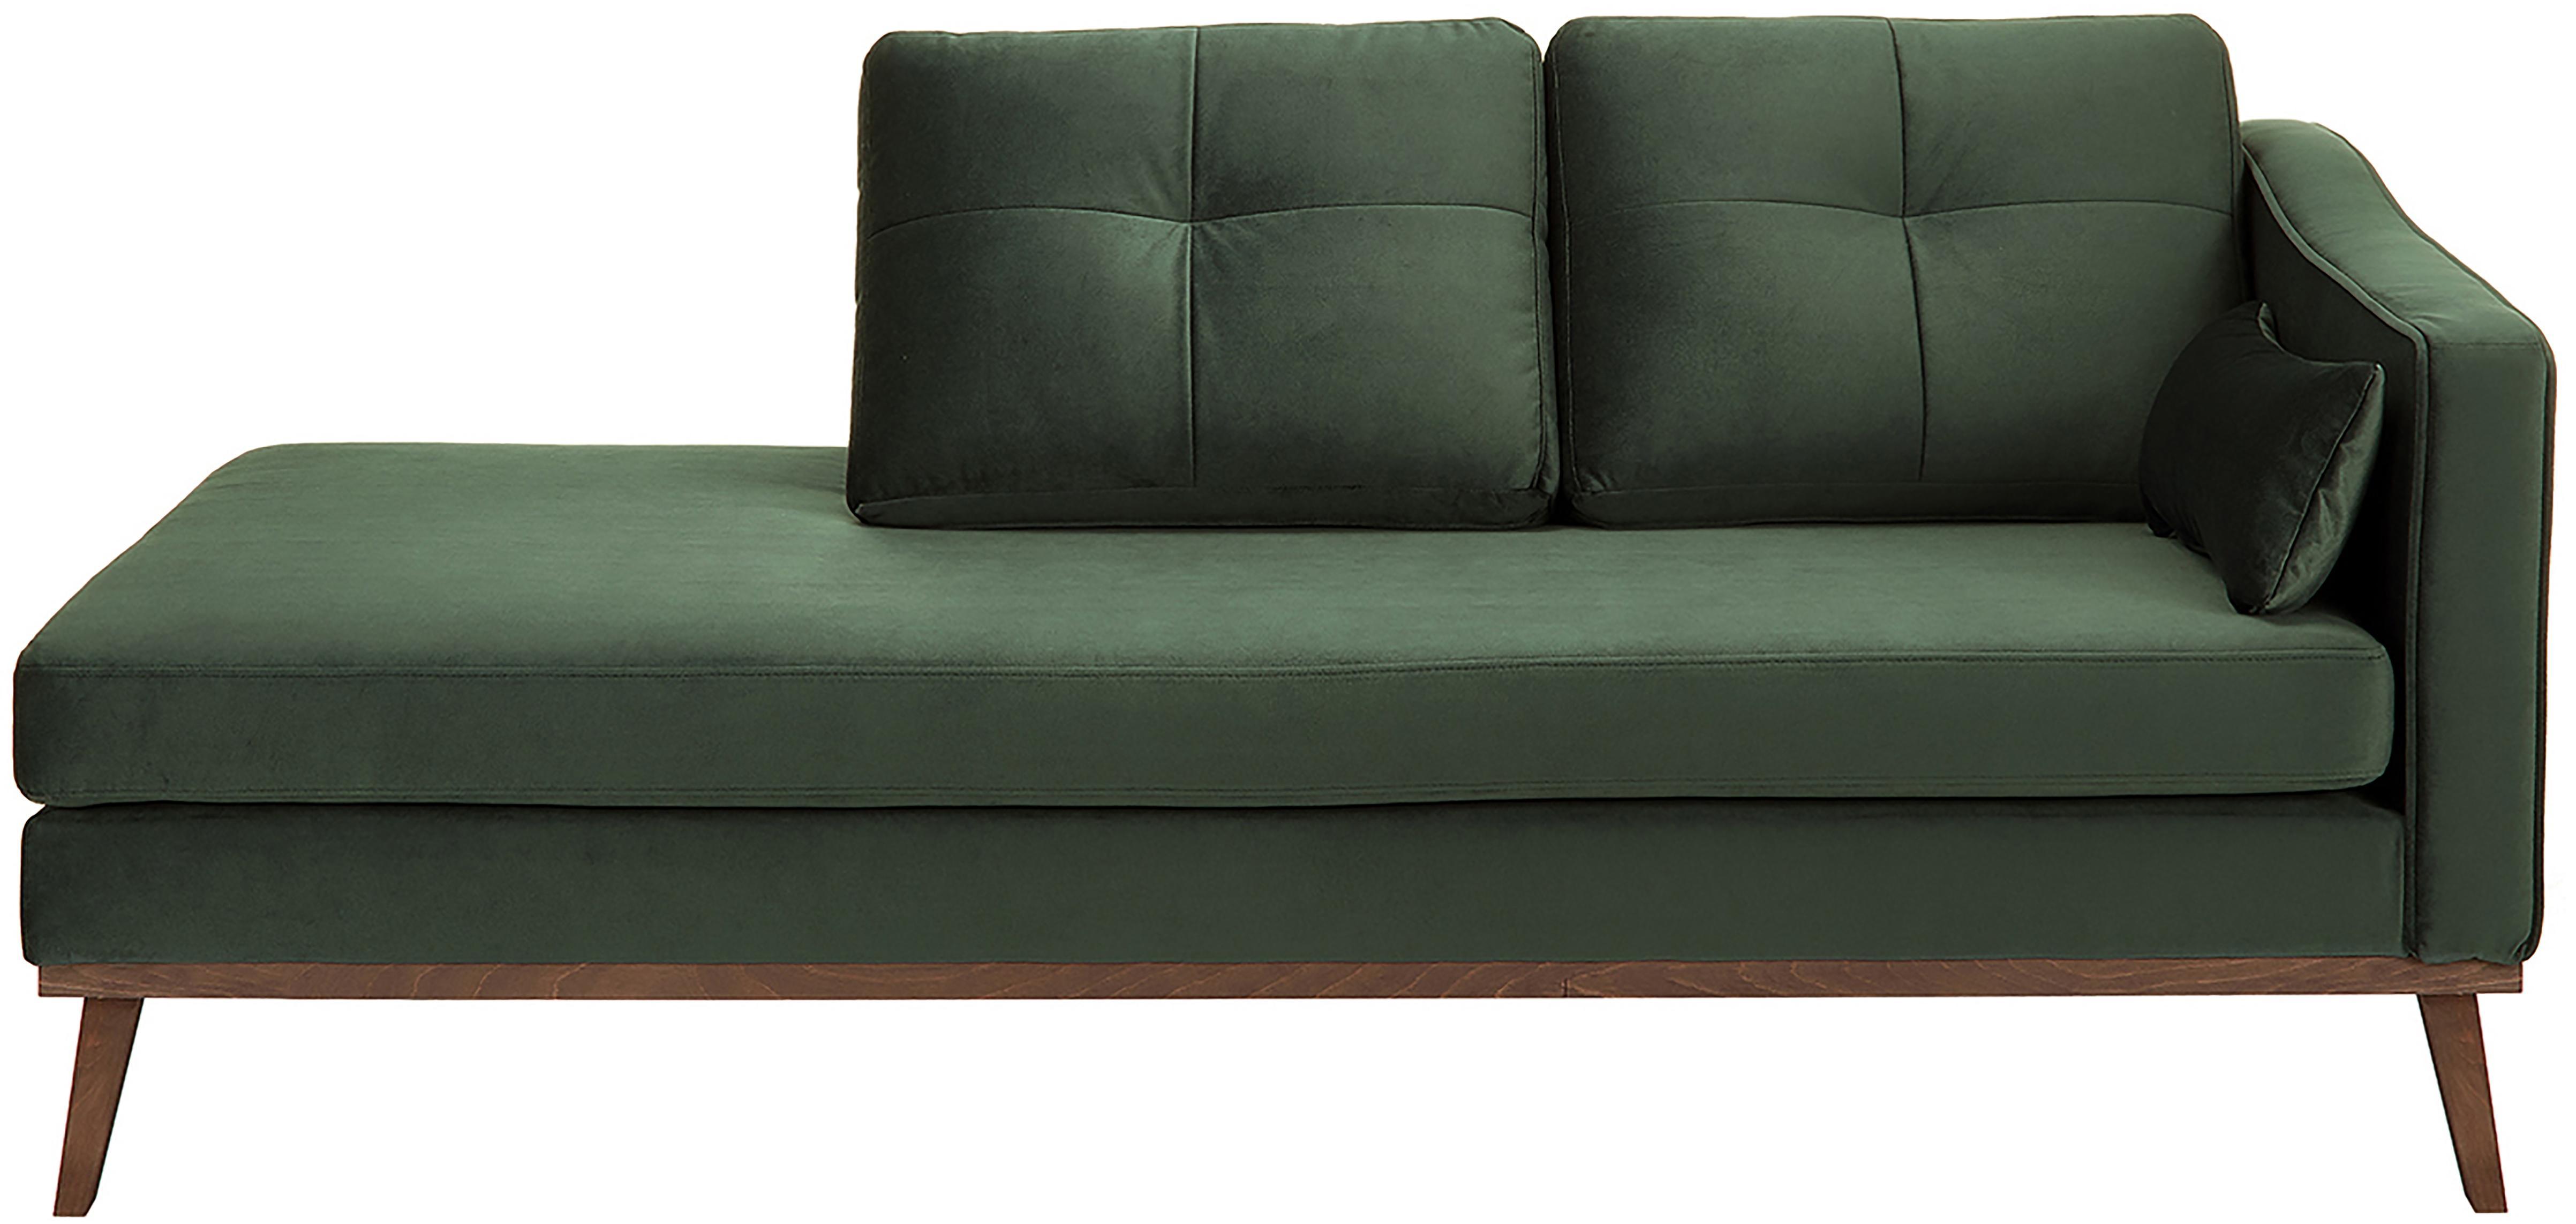 Szezlong z aksamitu Alva, Tapicerka: aksamit (wysokiej jakości, Stelaż: drewno sosnowe, Nogi: lite drewno bukowe, barwi, Aksamitny oliwkowy, S 193 x G 94 cm